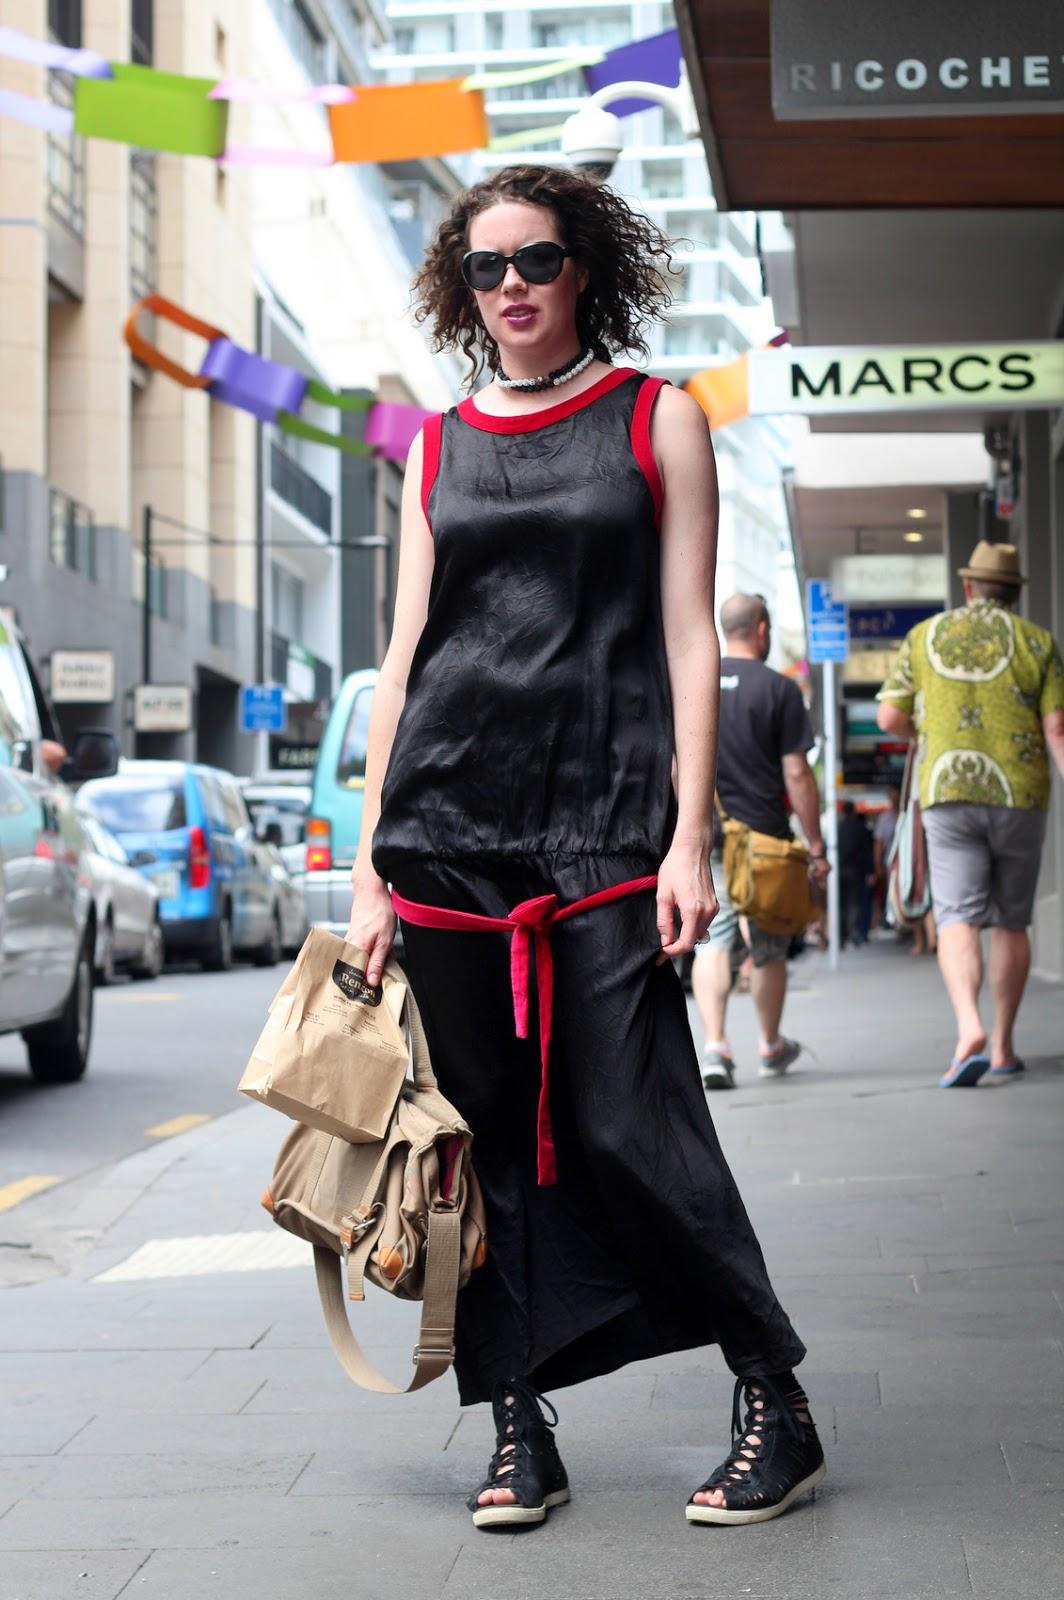 Foureyes New Zealand Street Style Fashion Blog Jane Foureyes New Zealand Street Style